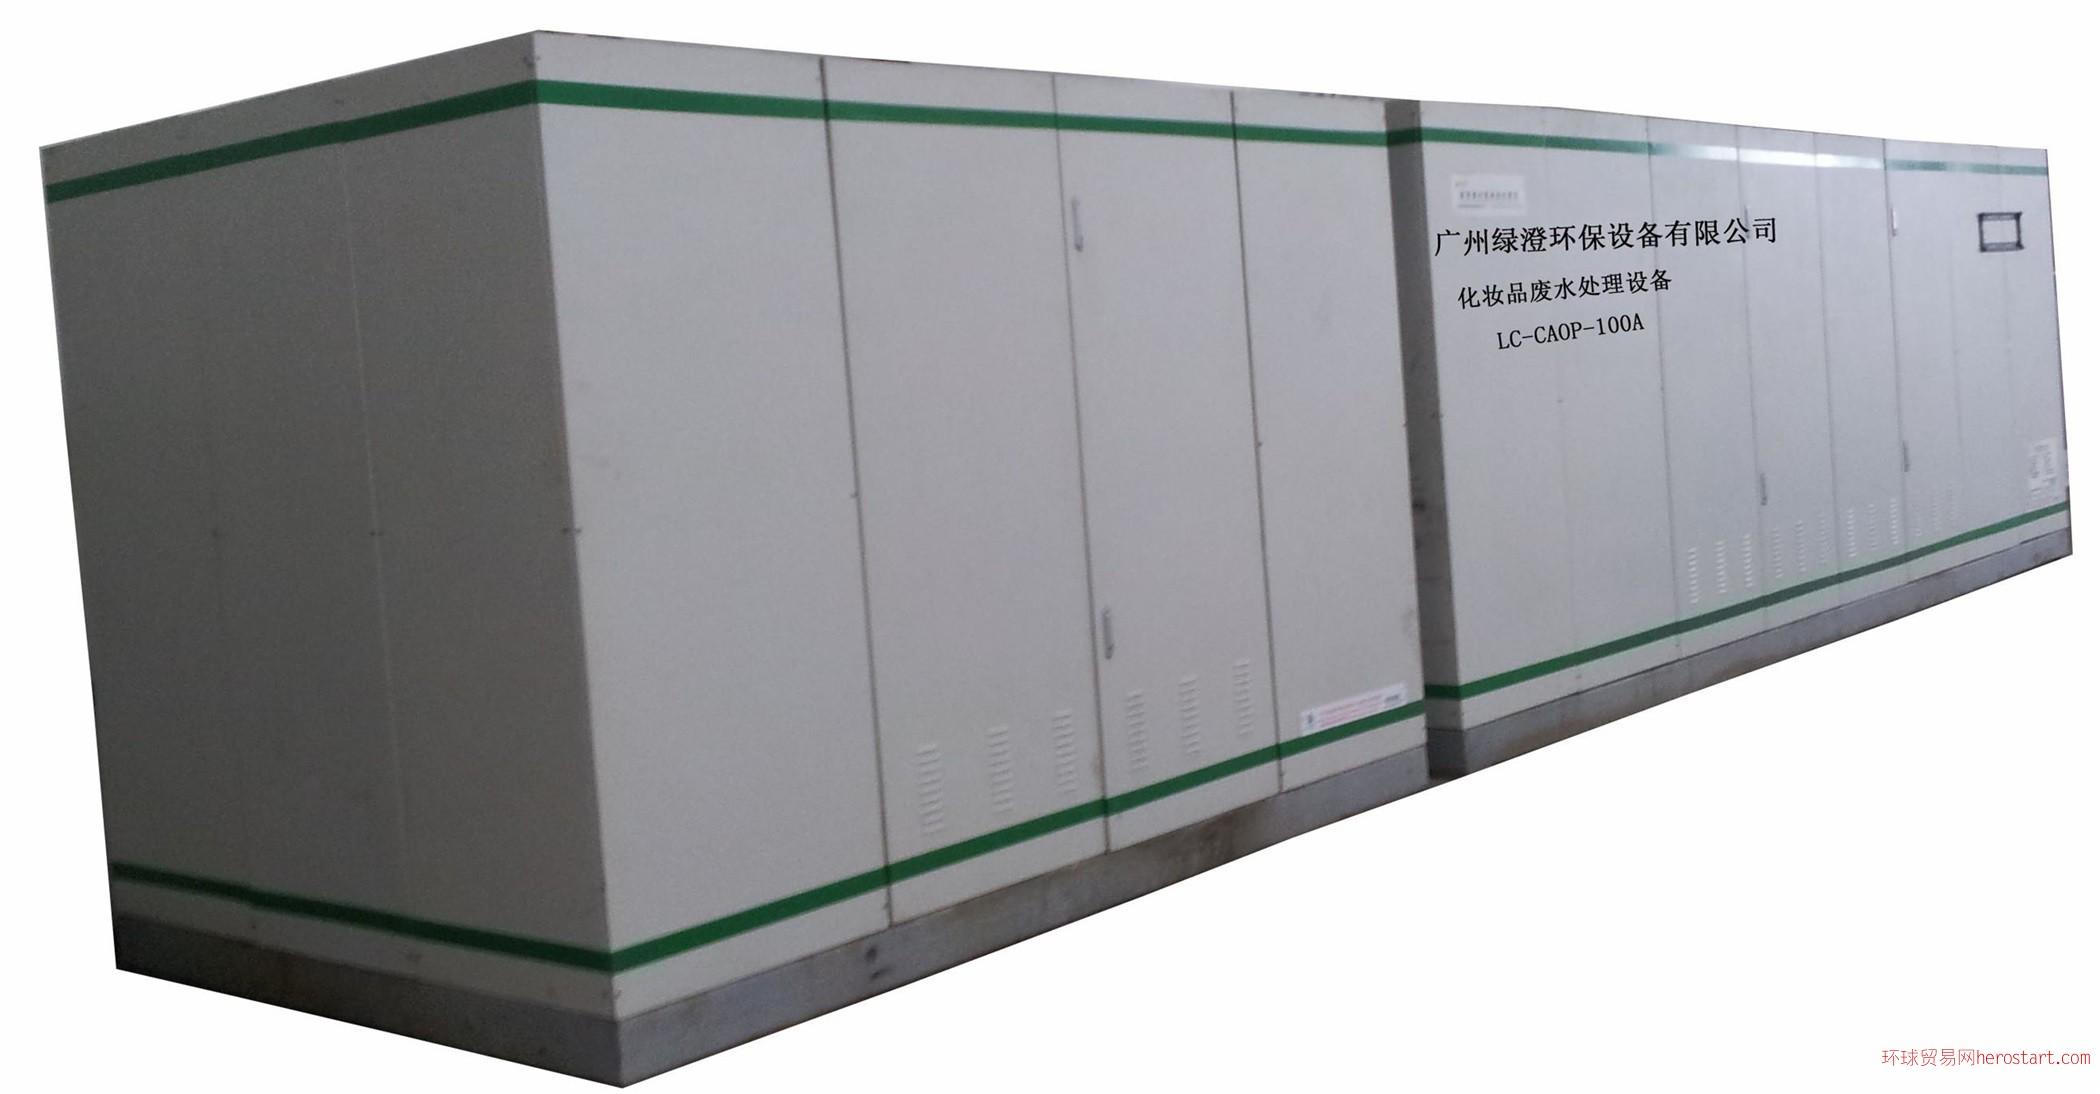 化妆品废水处理设备LC-CAOP广州绿澄牌